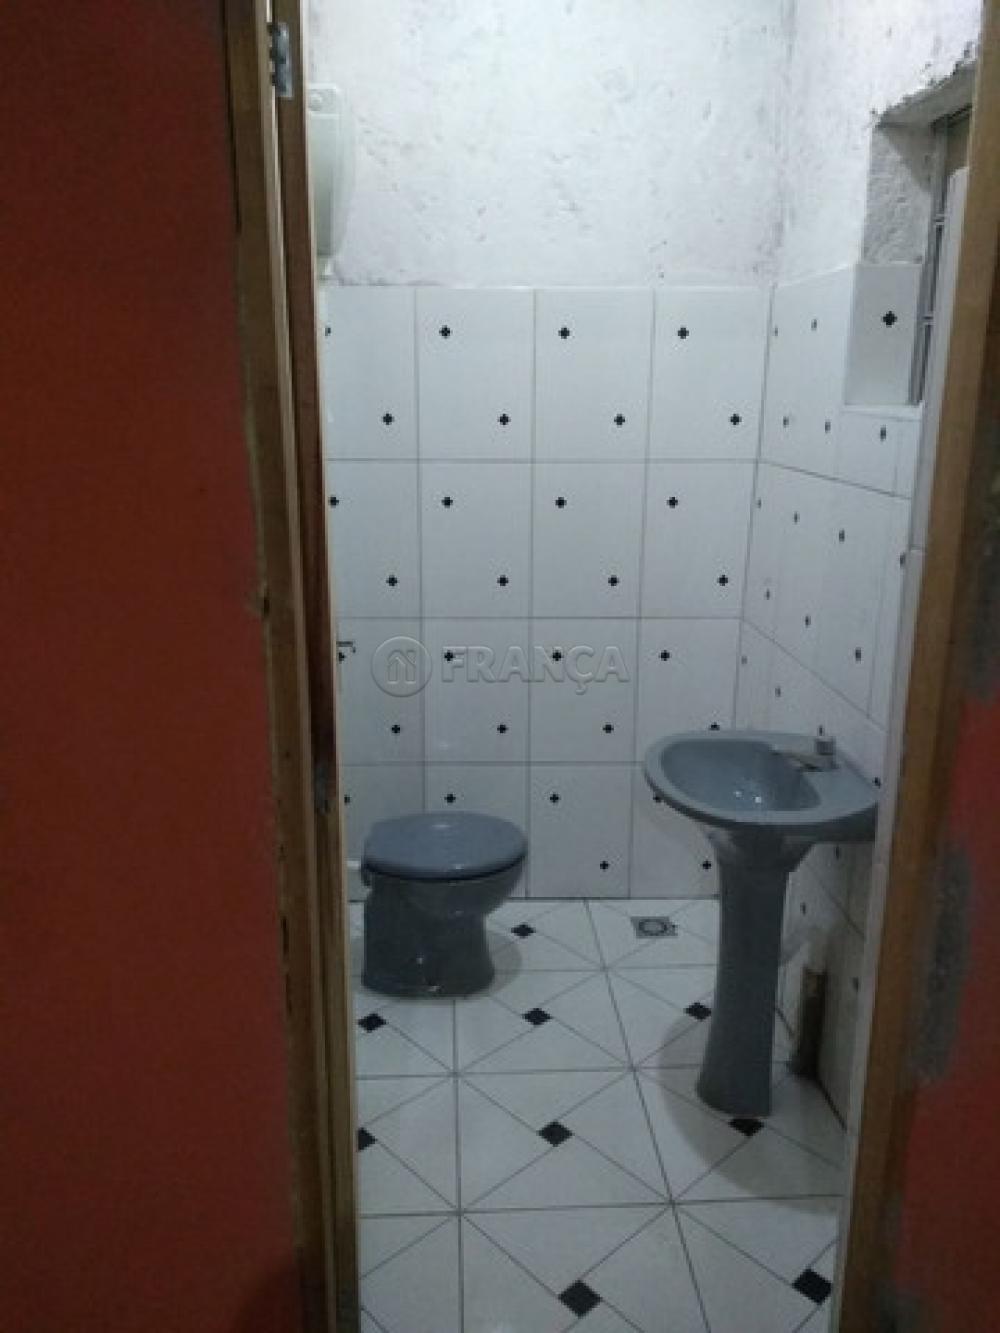 Comprar Rural / Chácara em Jacareí apenas R$ 193.000,00 - Foto 5